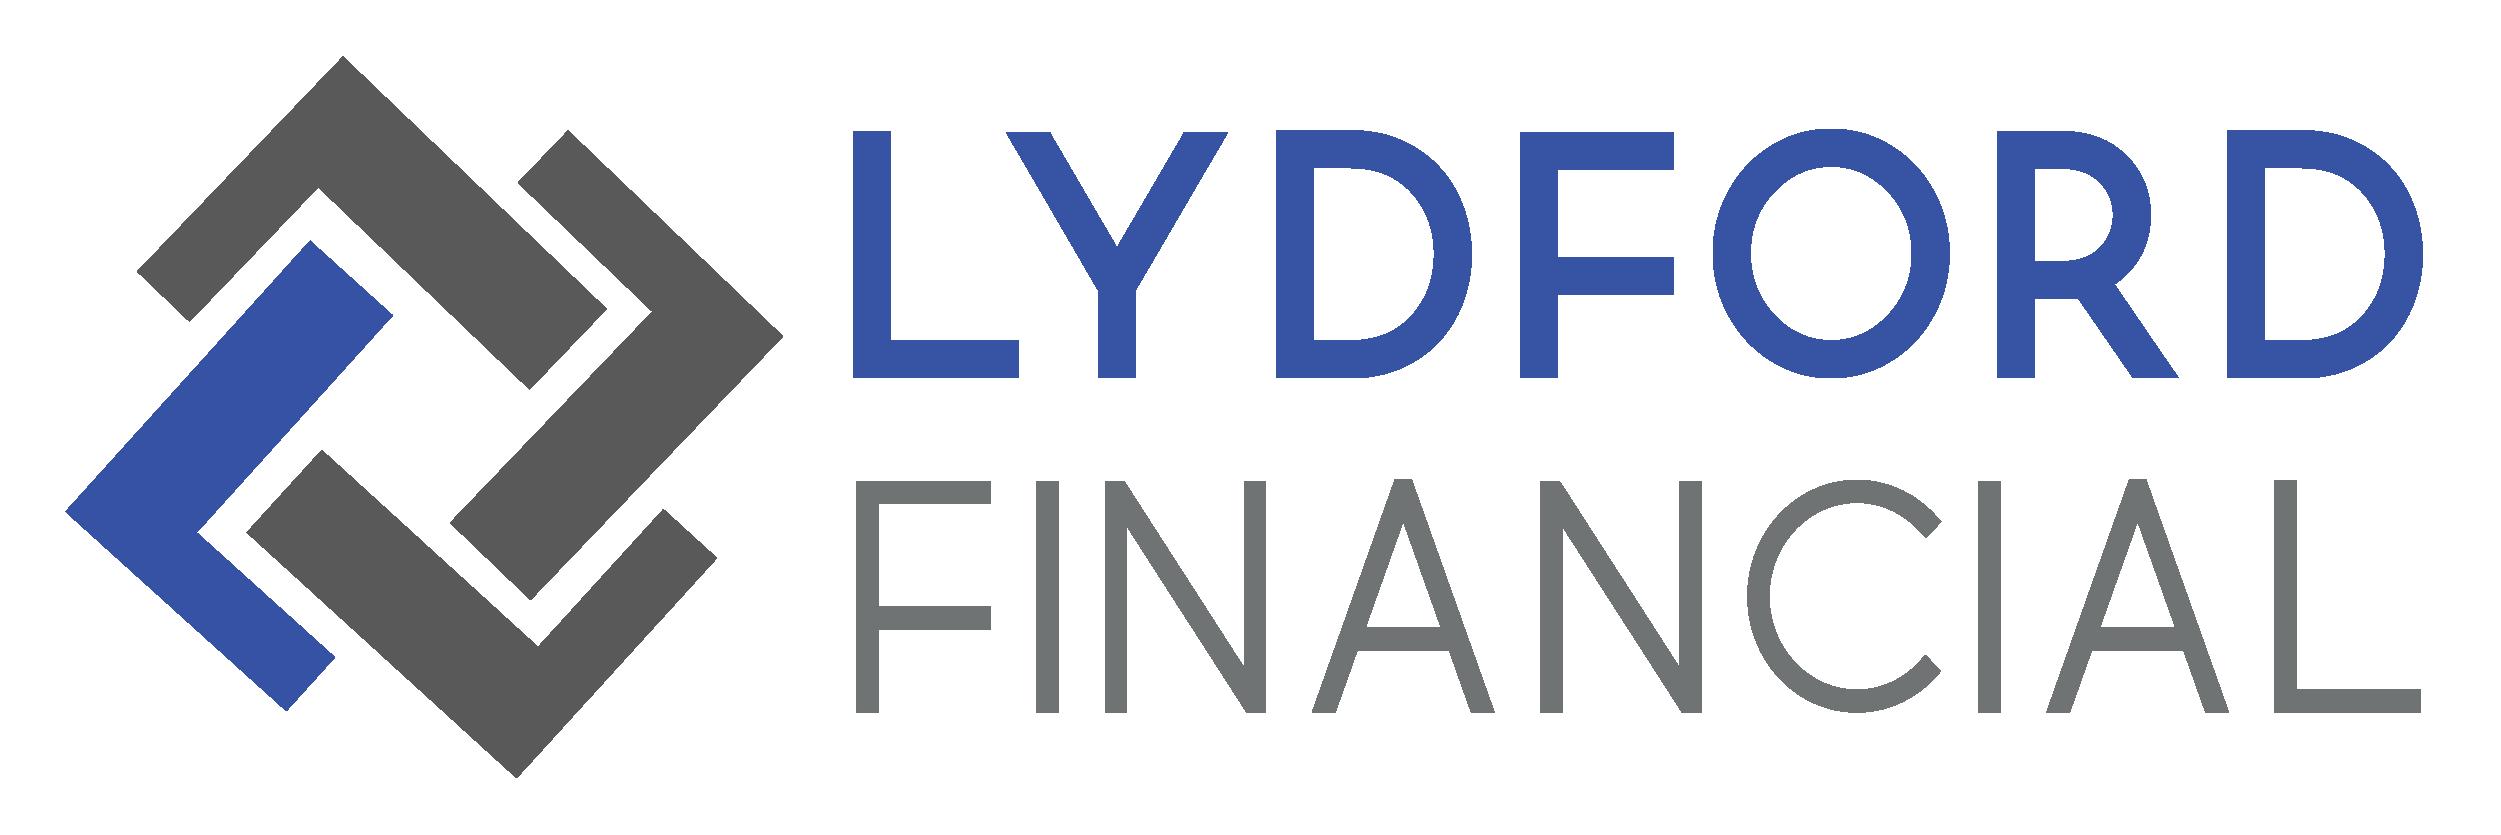 Lydford Financial